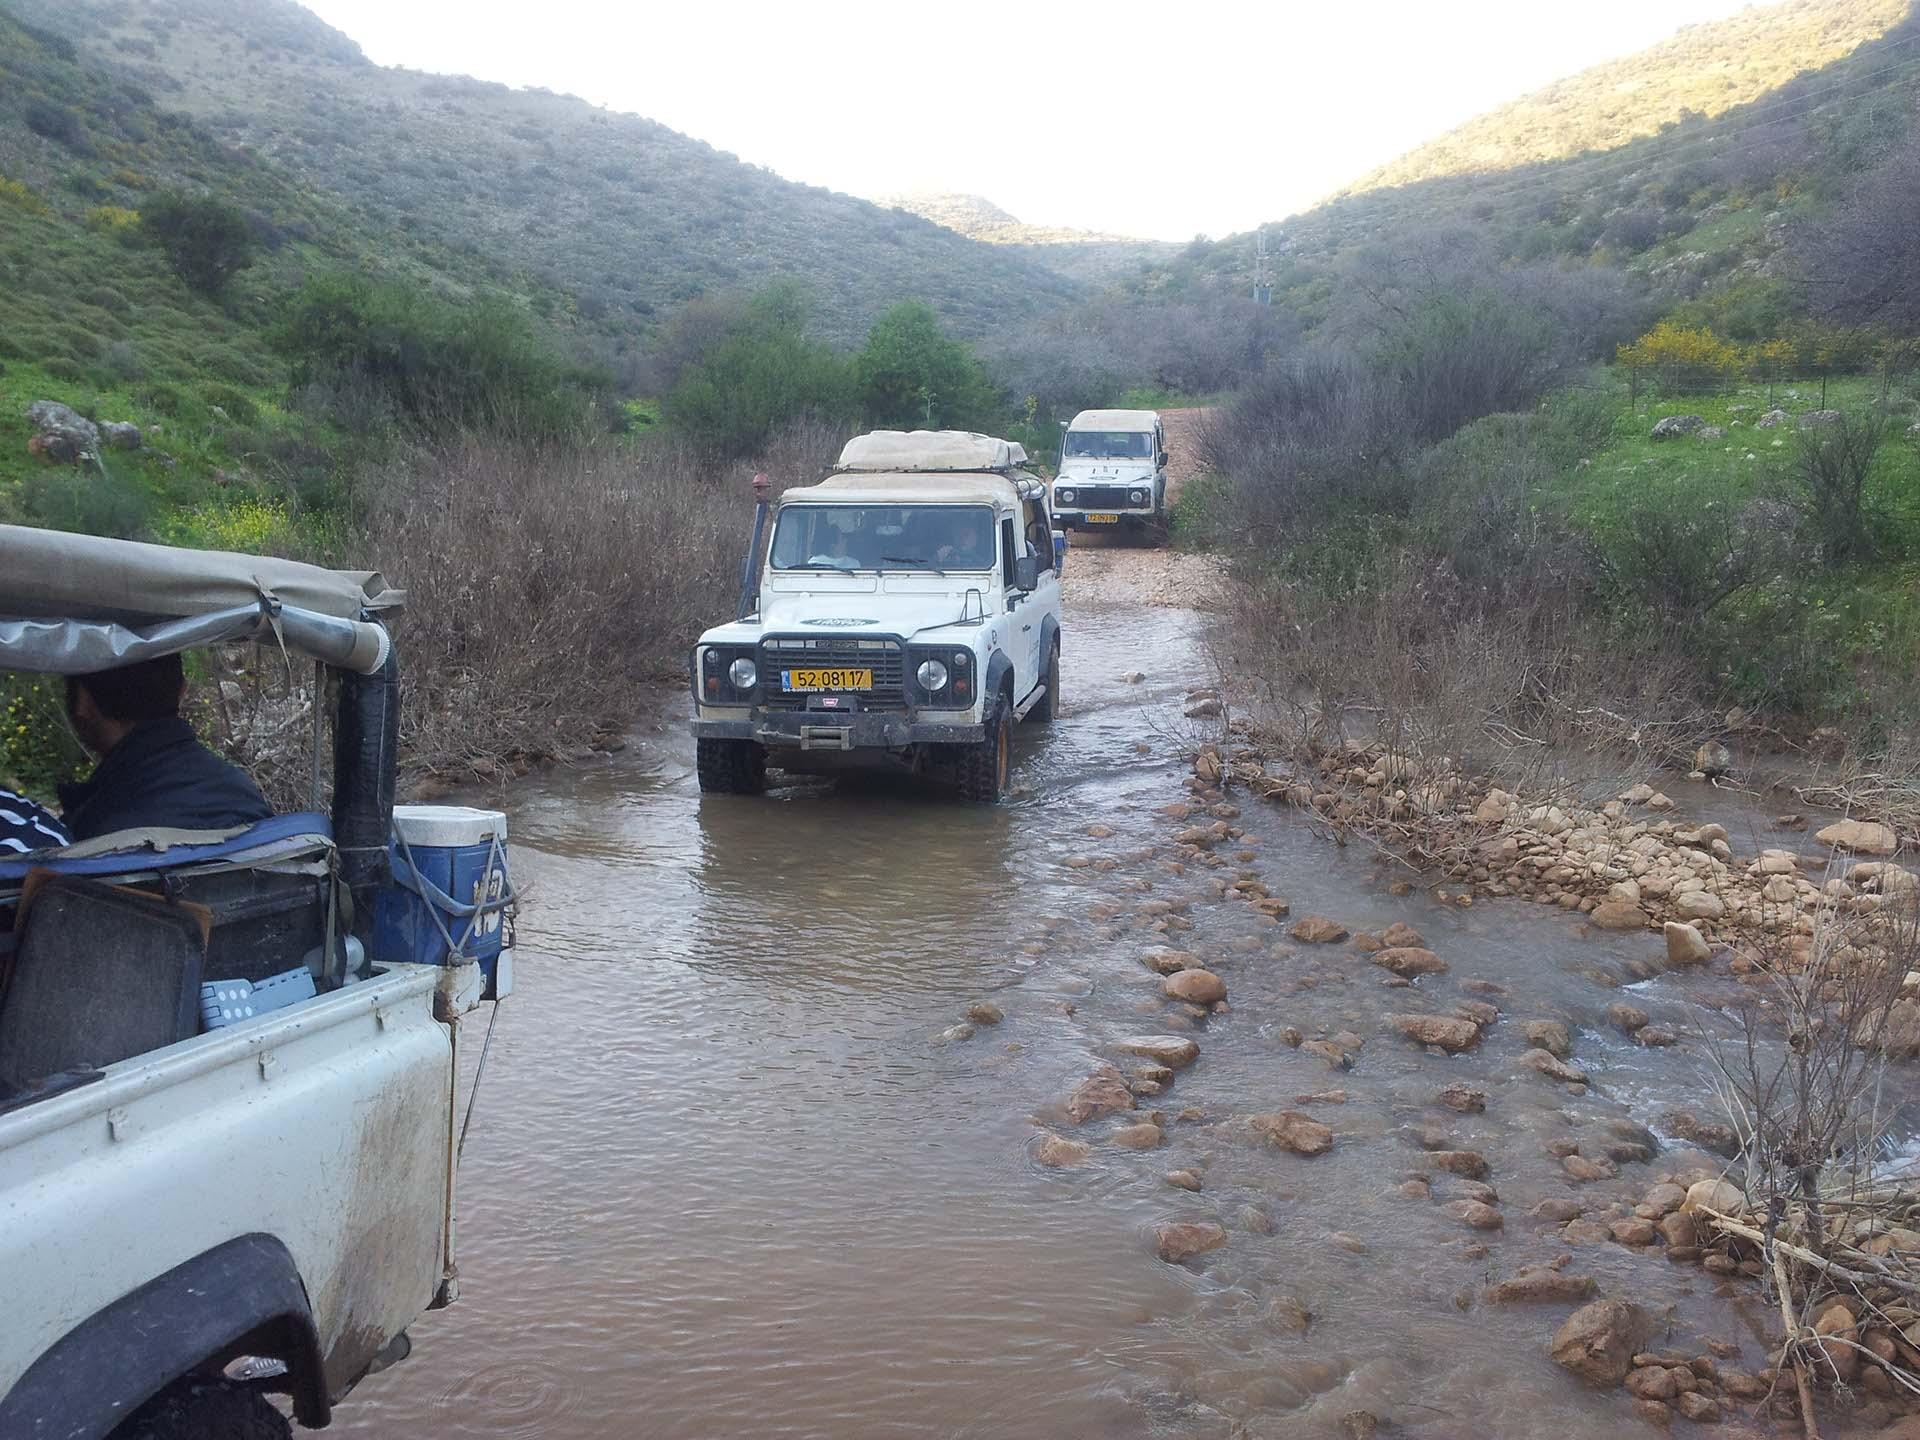 נסיעה בנחל בטיול ג׳יפים פלגי בזלת